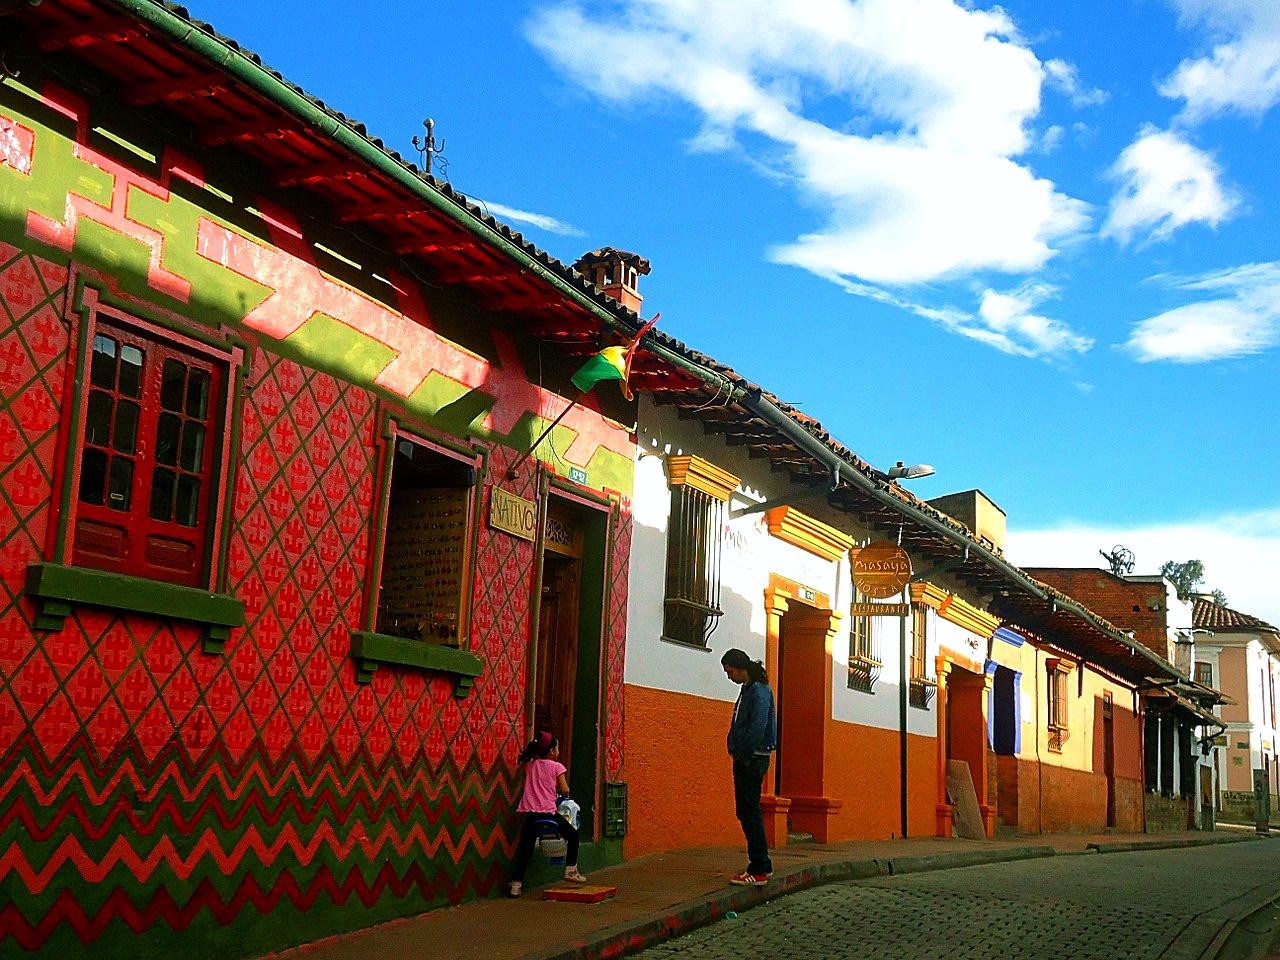 Colombia, Bogota, Houses